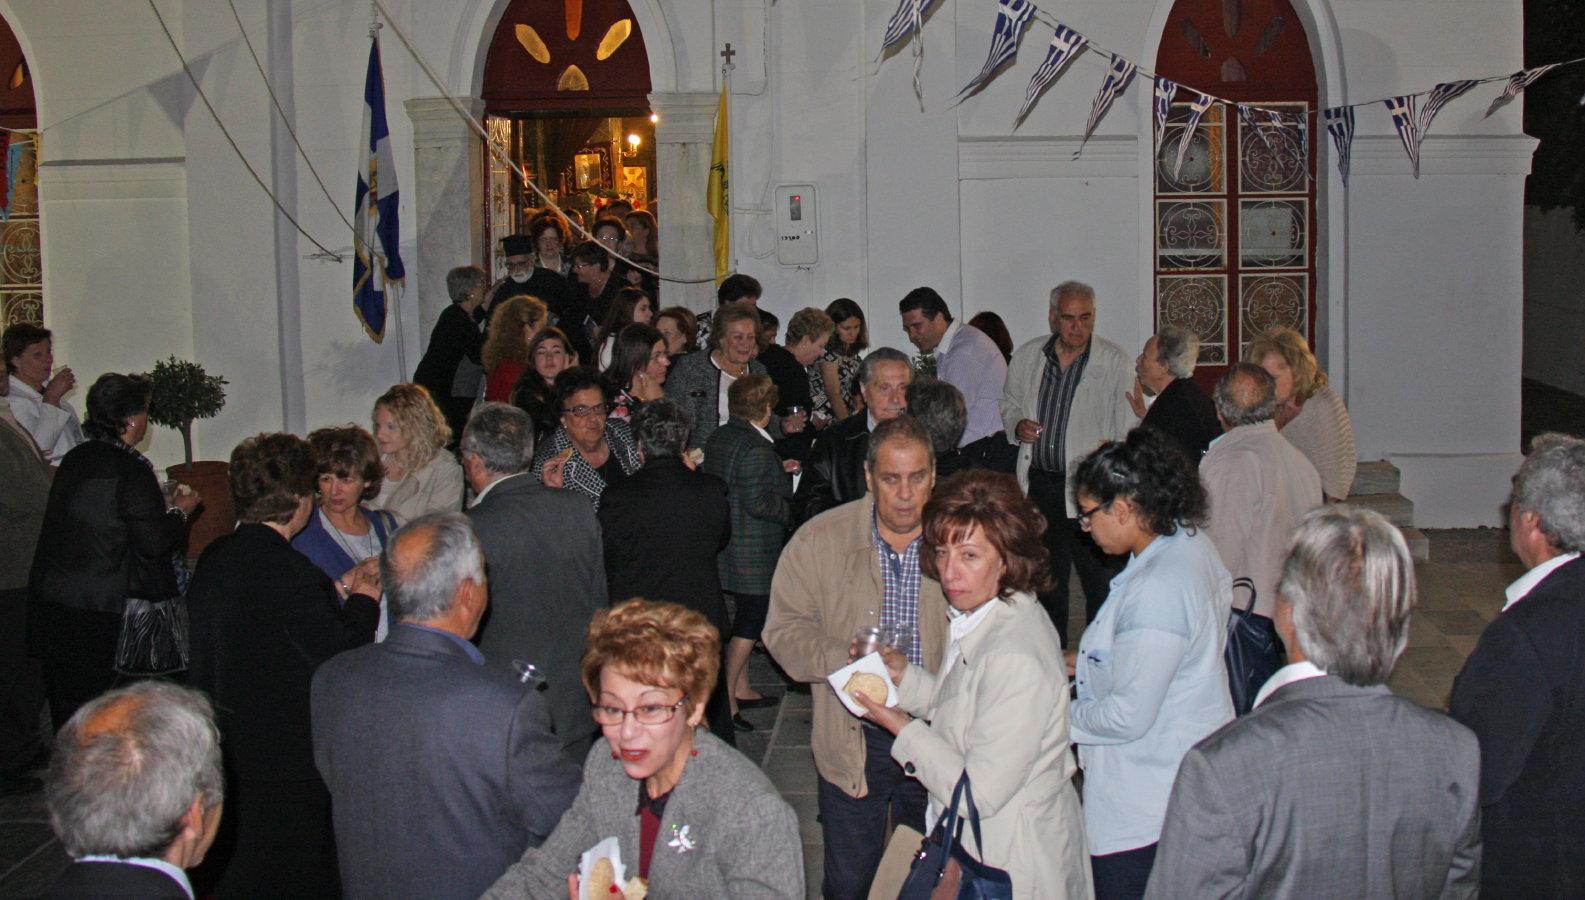 Αγίου Κωνσταντίνου Λειβάδια Άνδρου 20 Μαΐου 2016 Vanglouk Androsfilm (7)